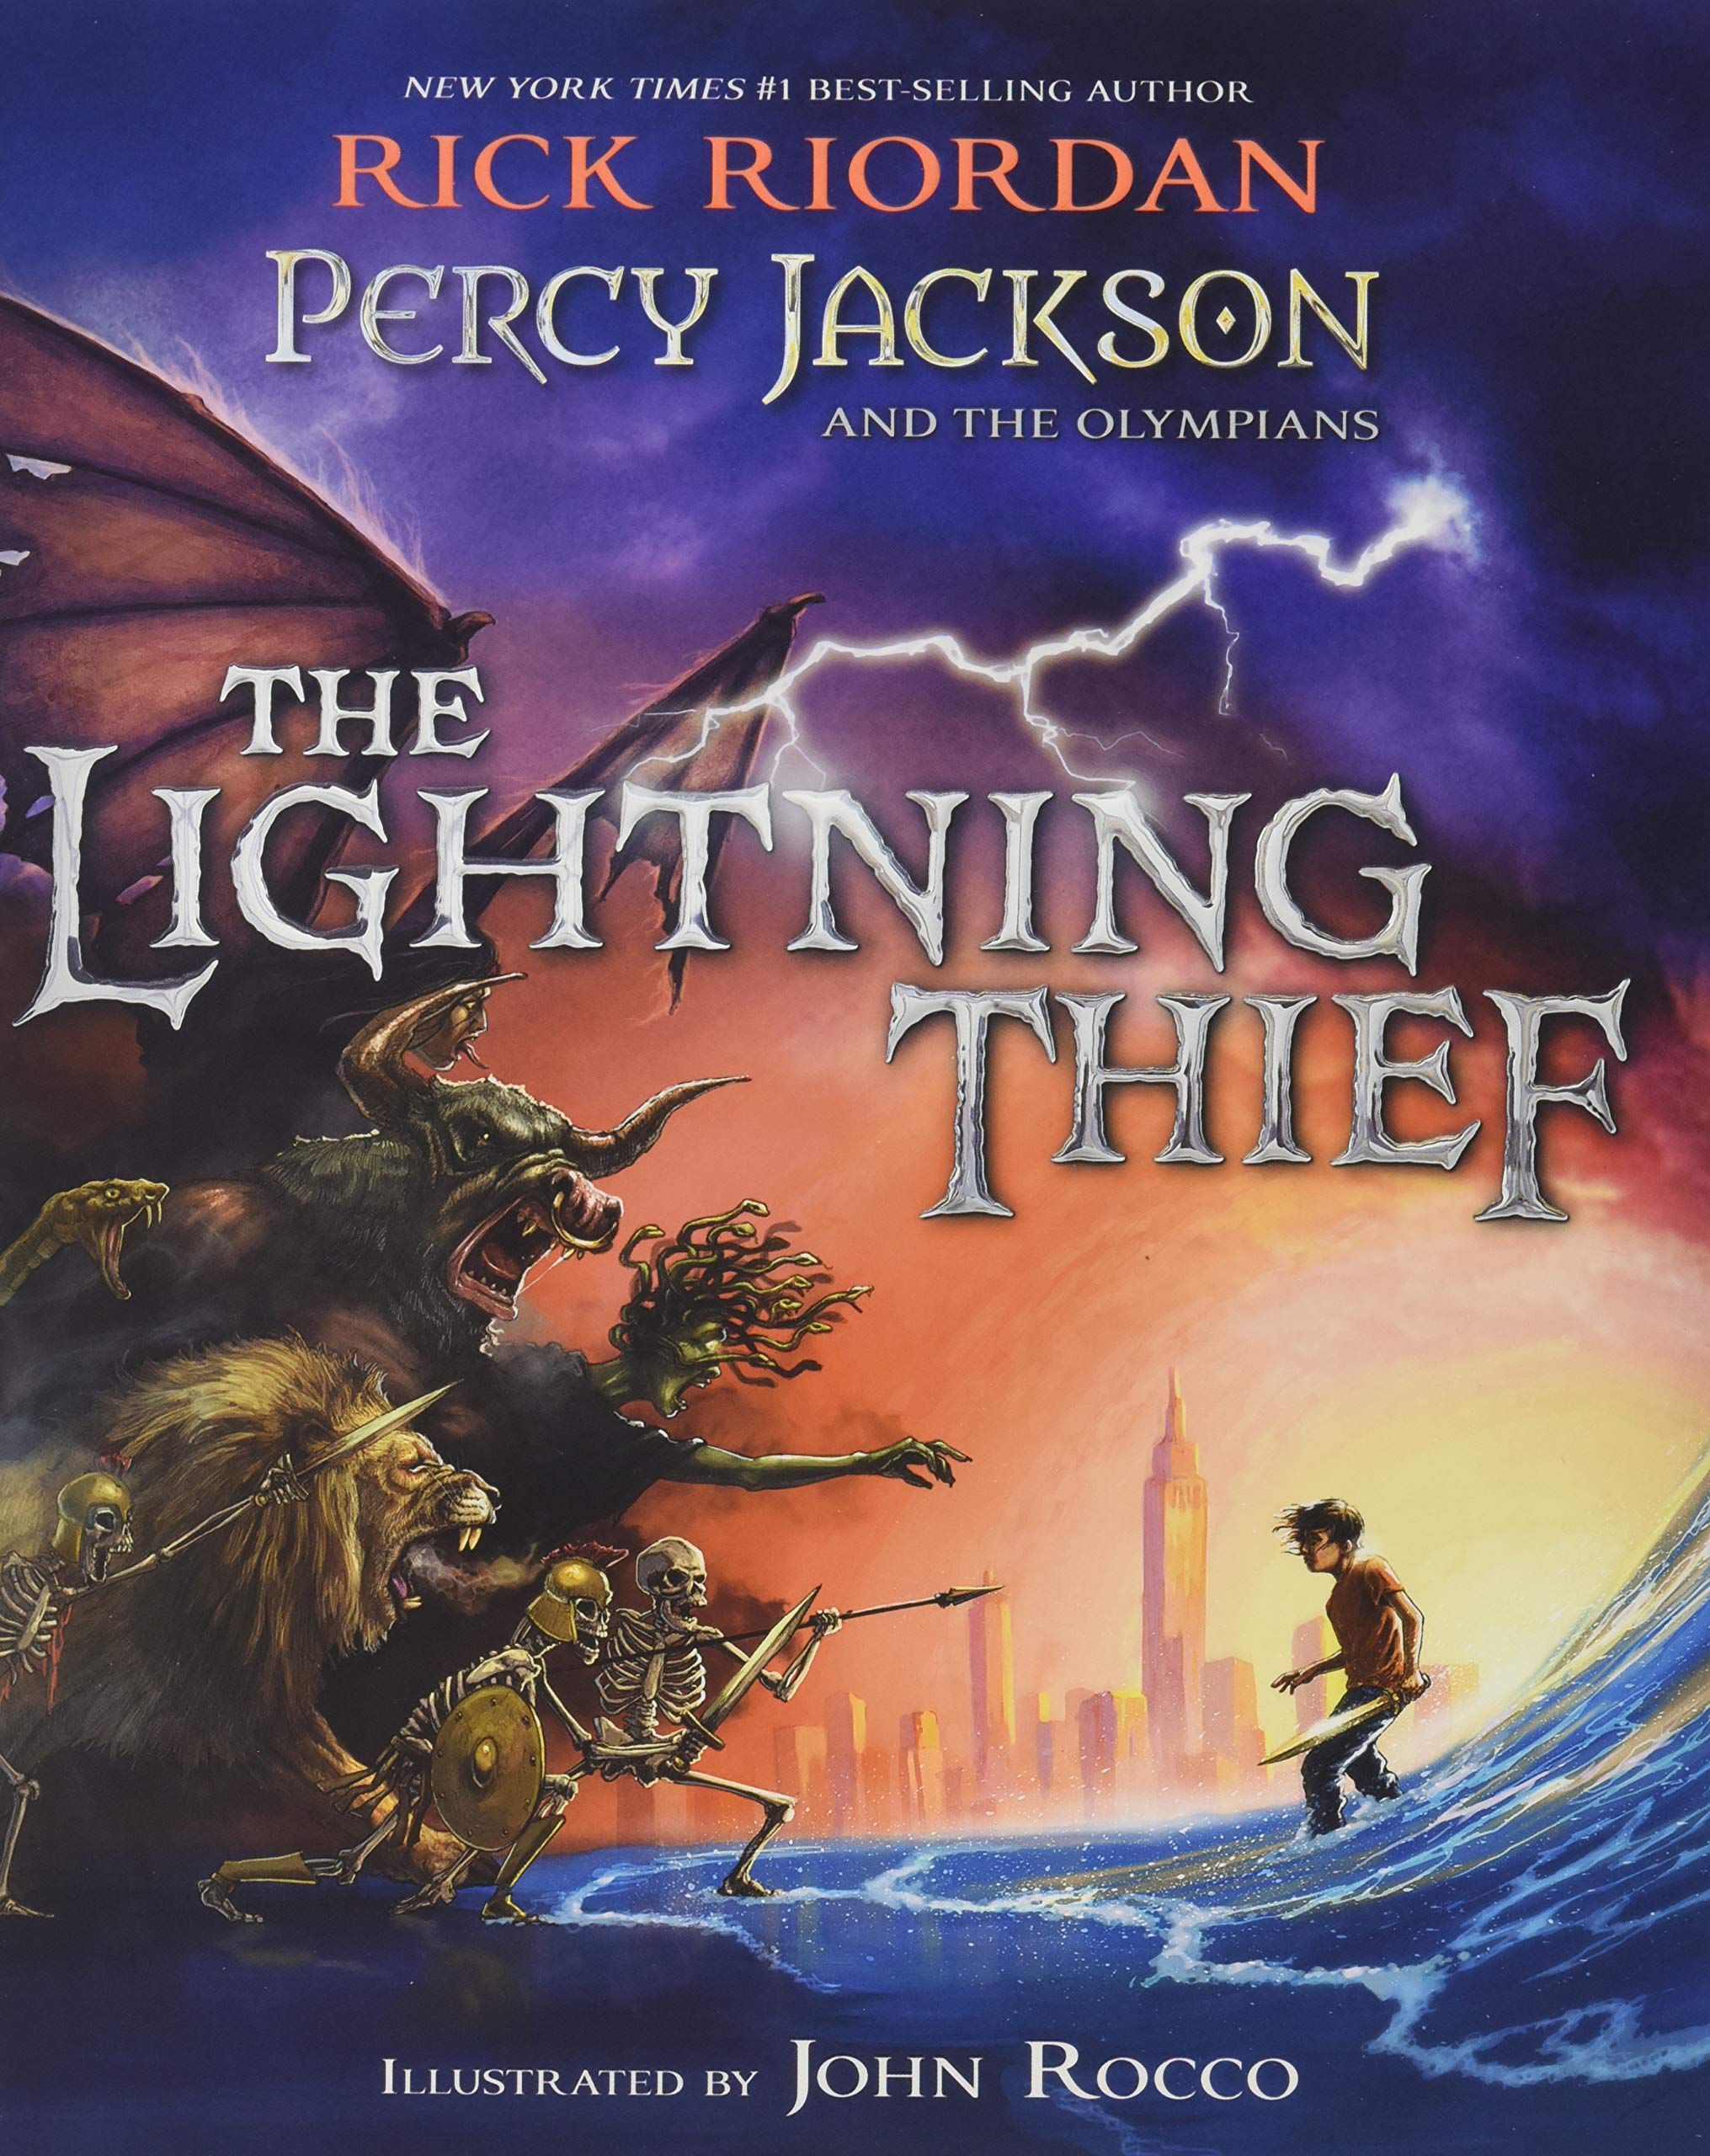 The Lightning Thief Summary